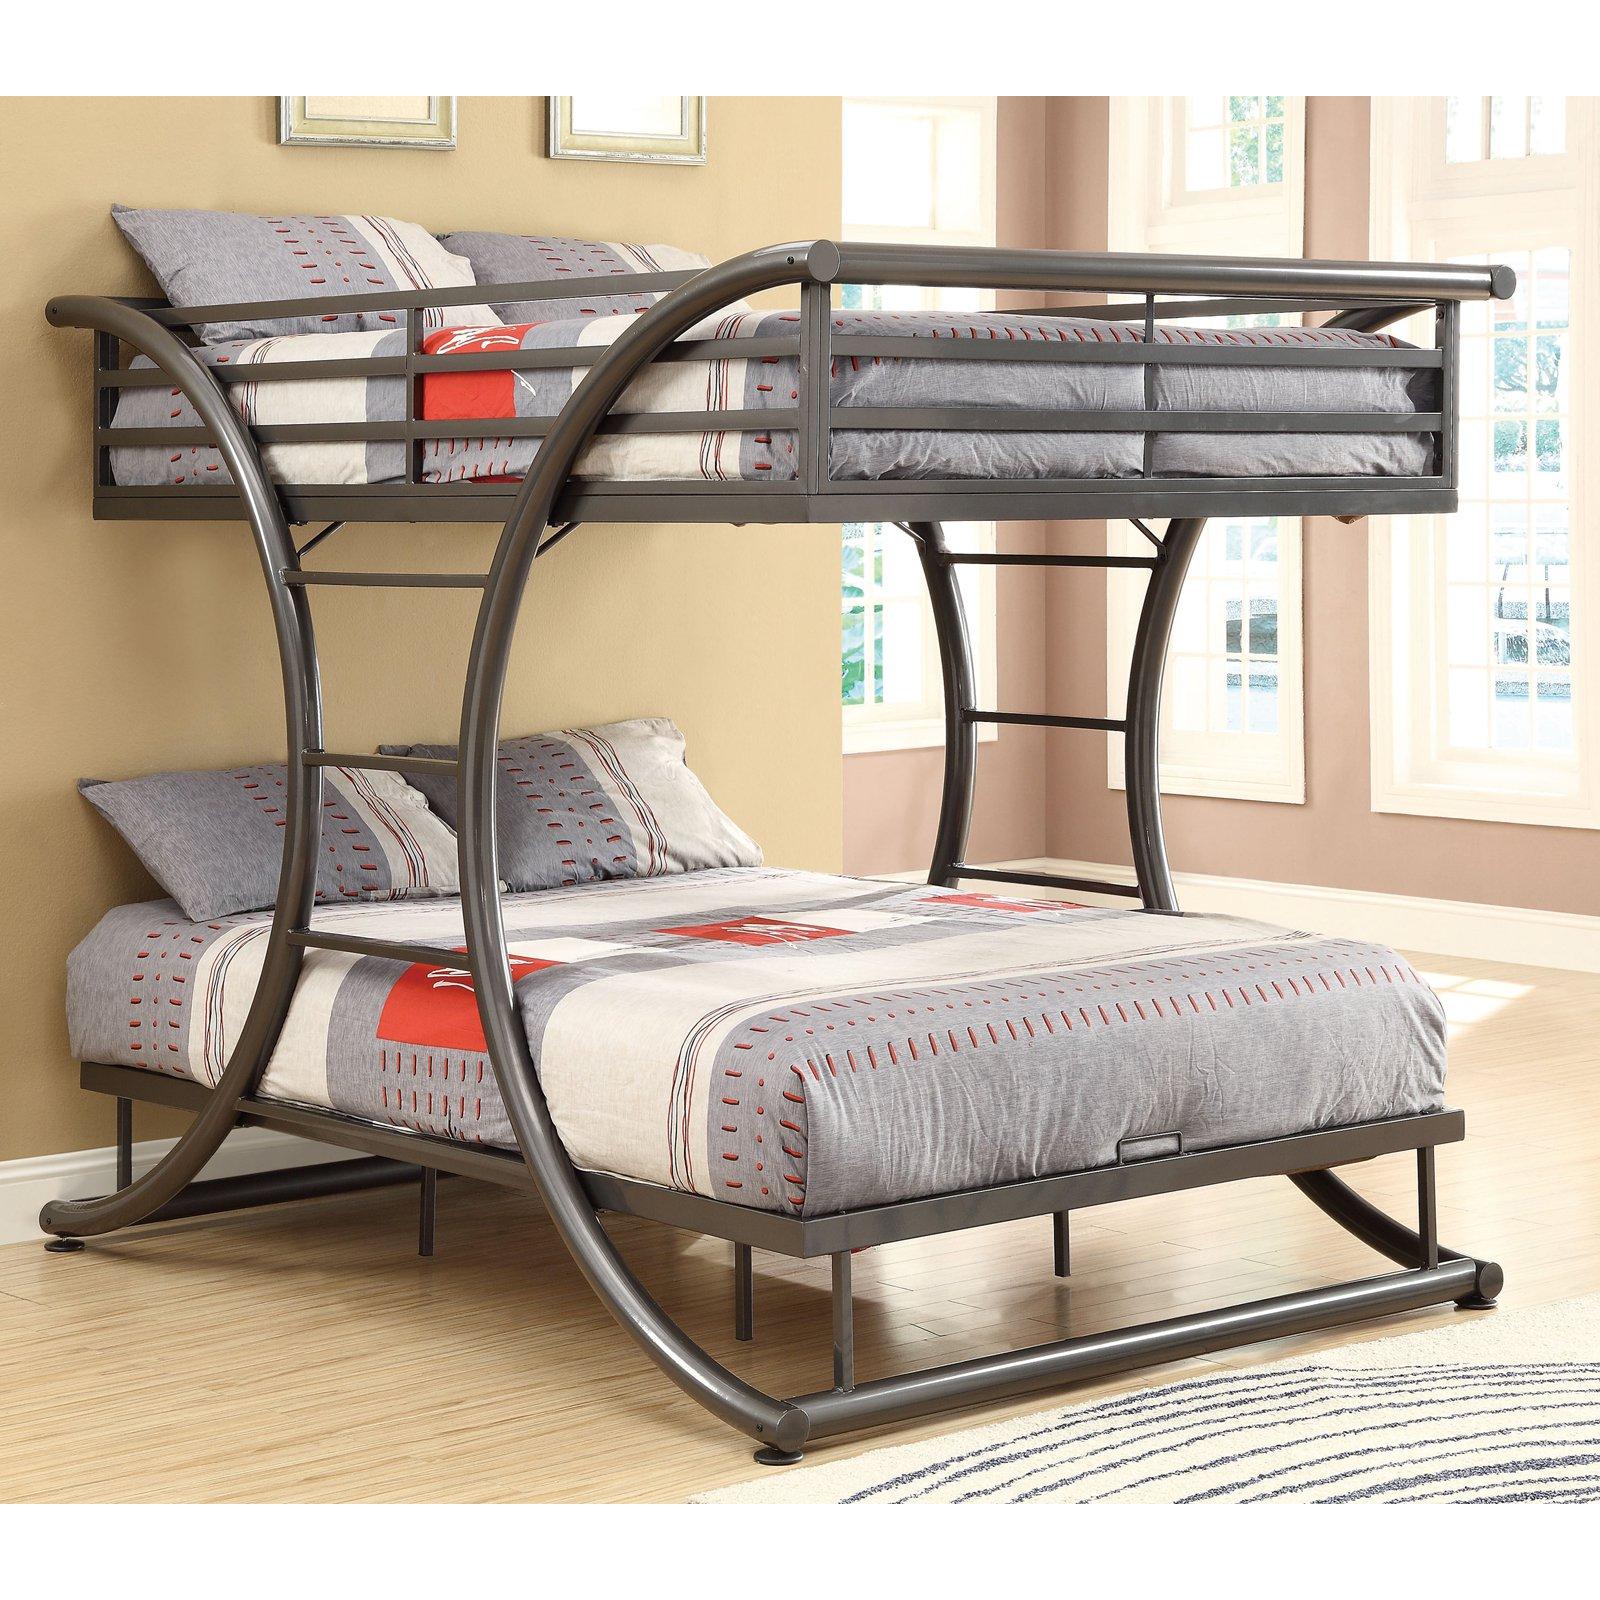 Coaster Furniture Full over Full Contemporary Bunk Bed - Dark Gun Metal